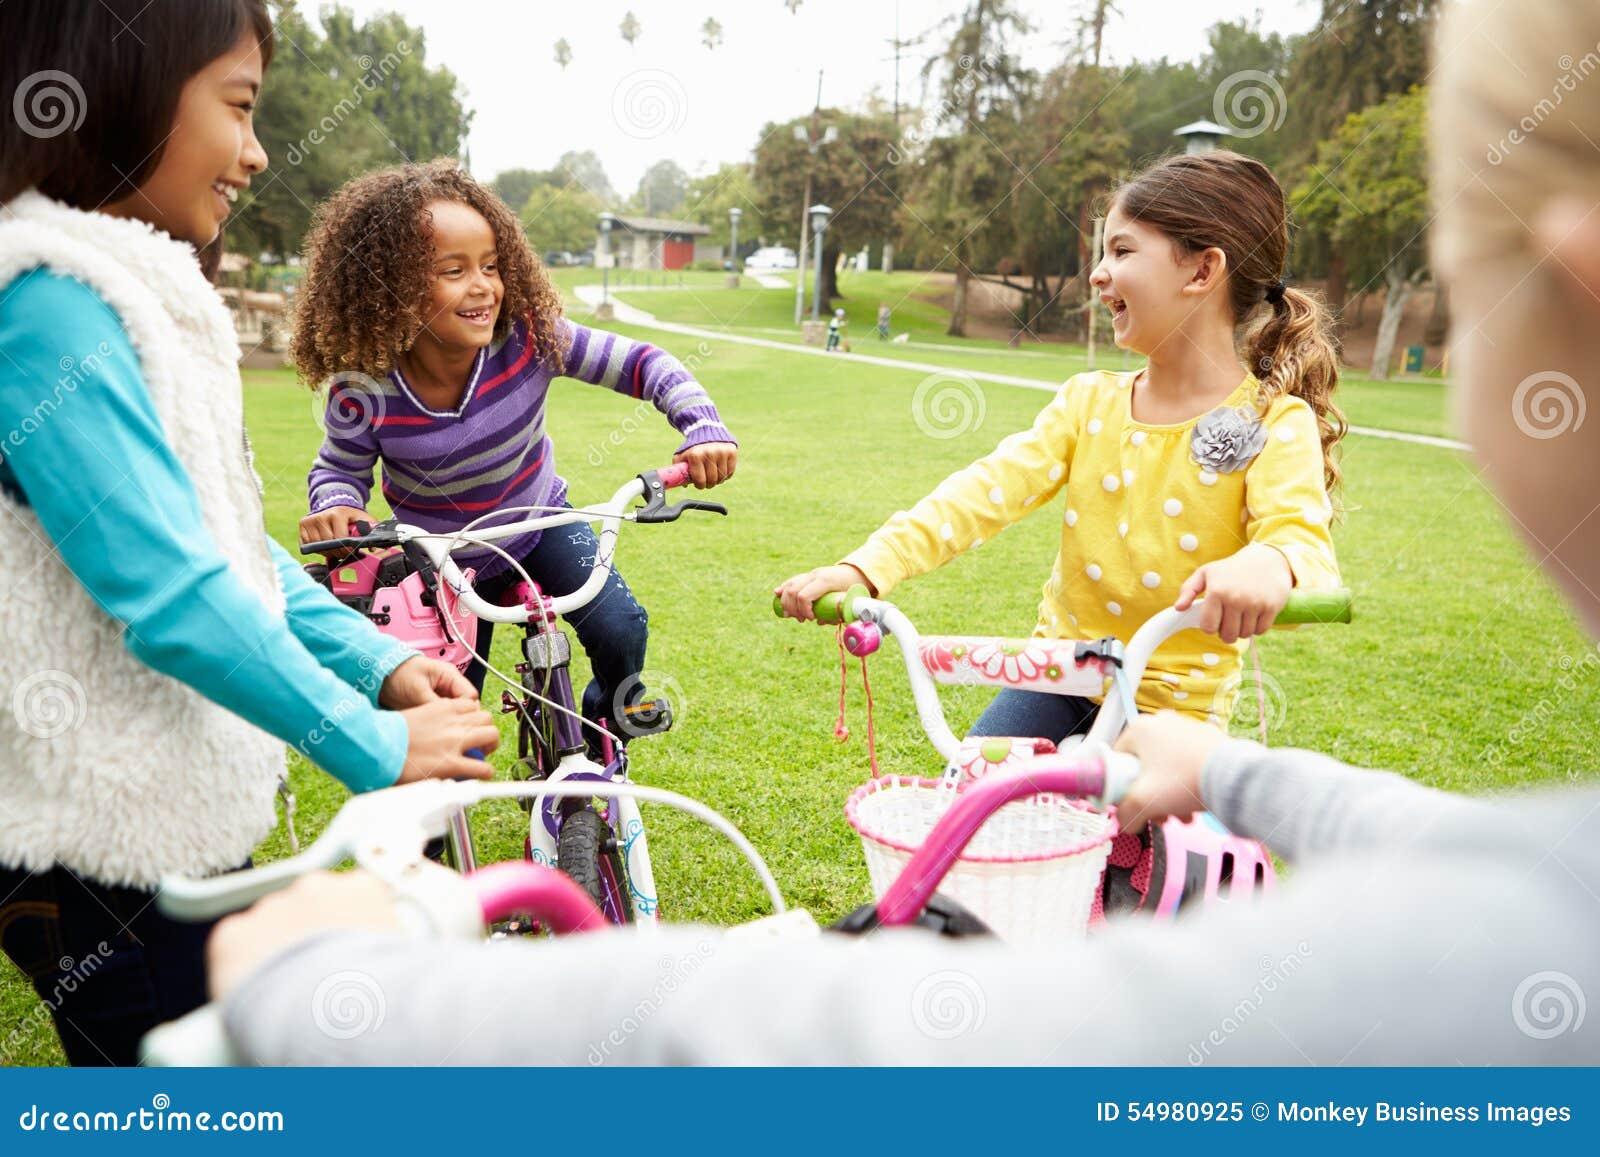 Groupe de jeunes filles avec des vélos en parc